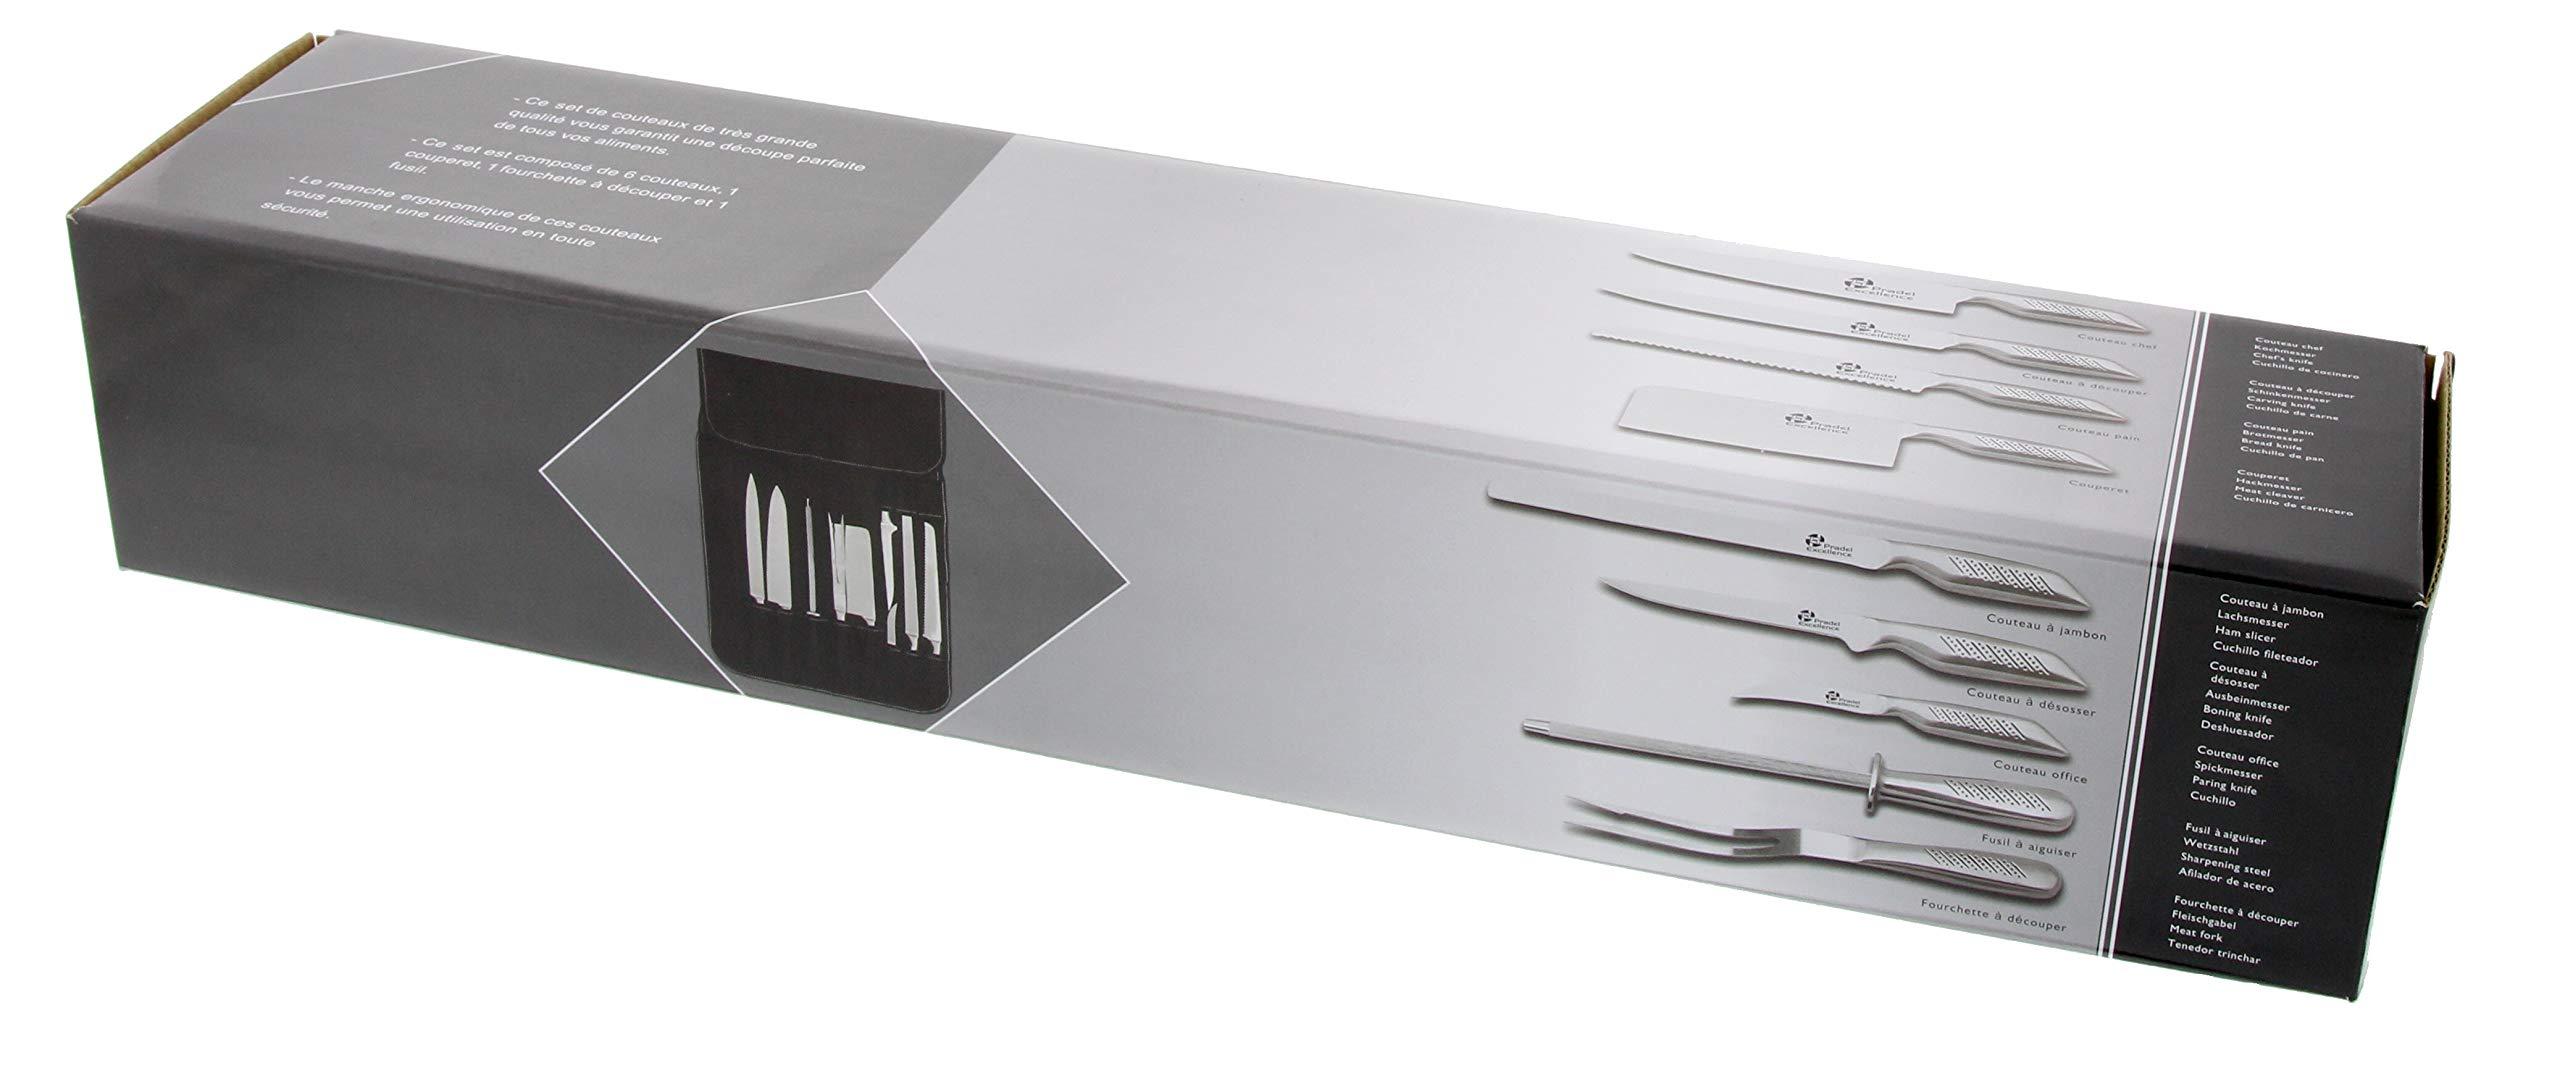 Compra Pradel Excellence - Estuche con Juego de Cuchillos de Cocina de Acero Inoxidable, 9 Piezas en Amazon.es